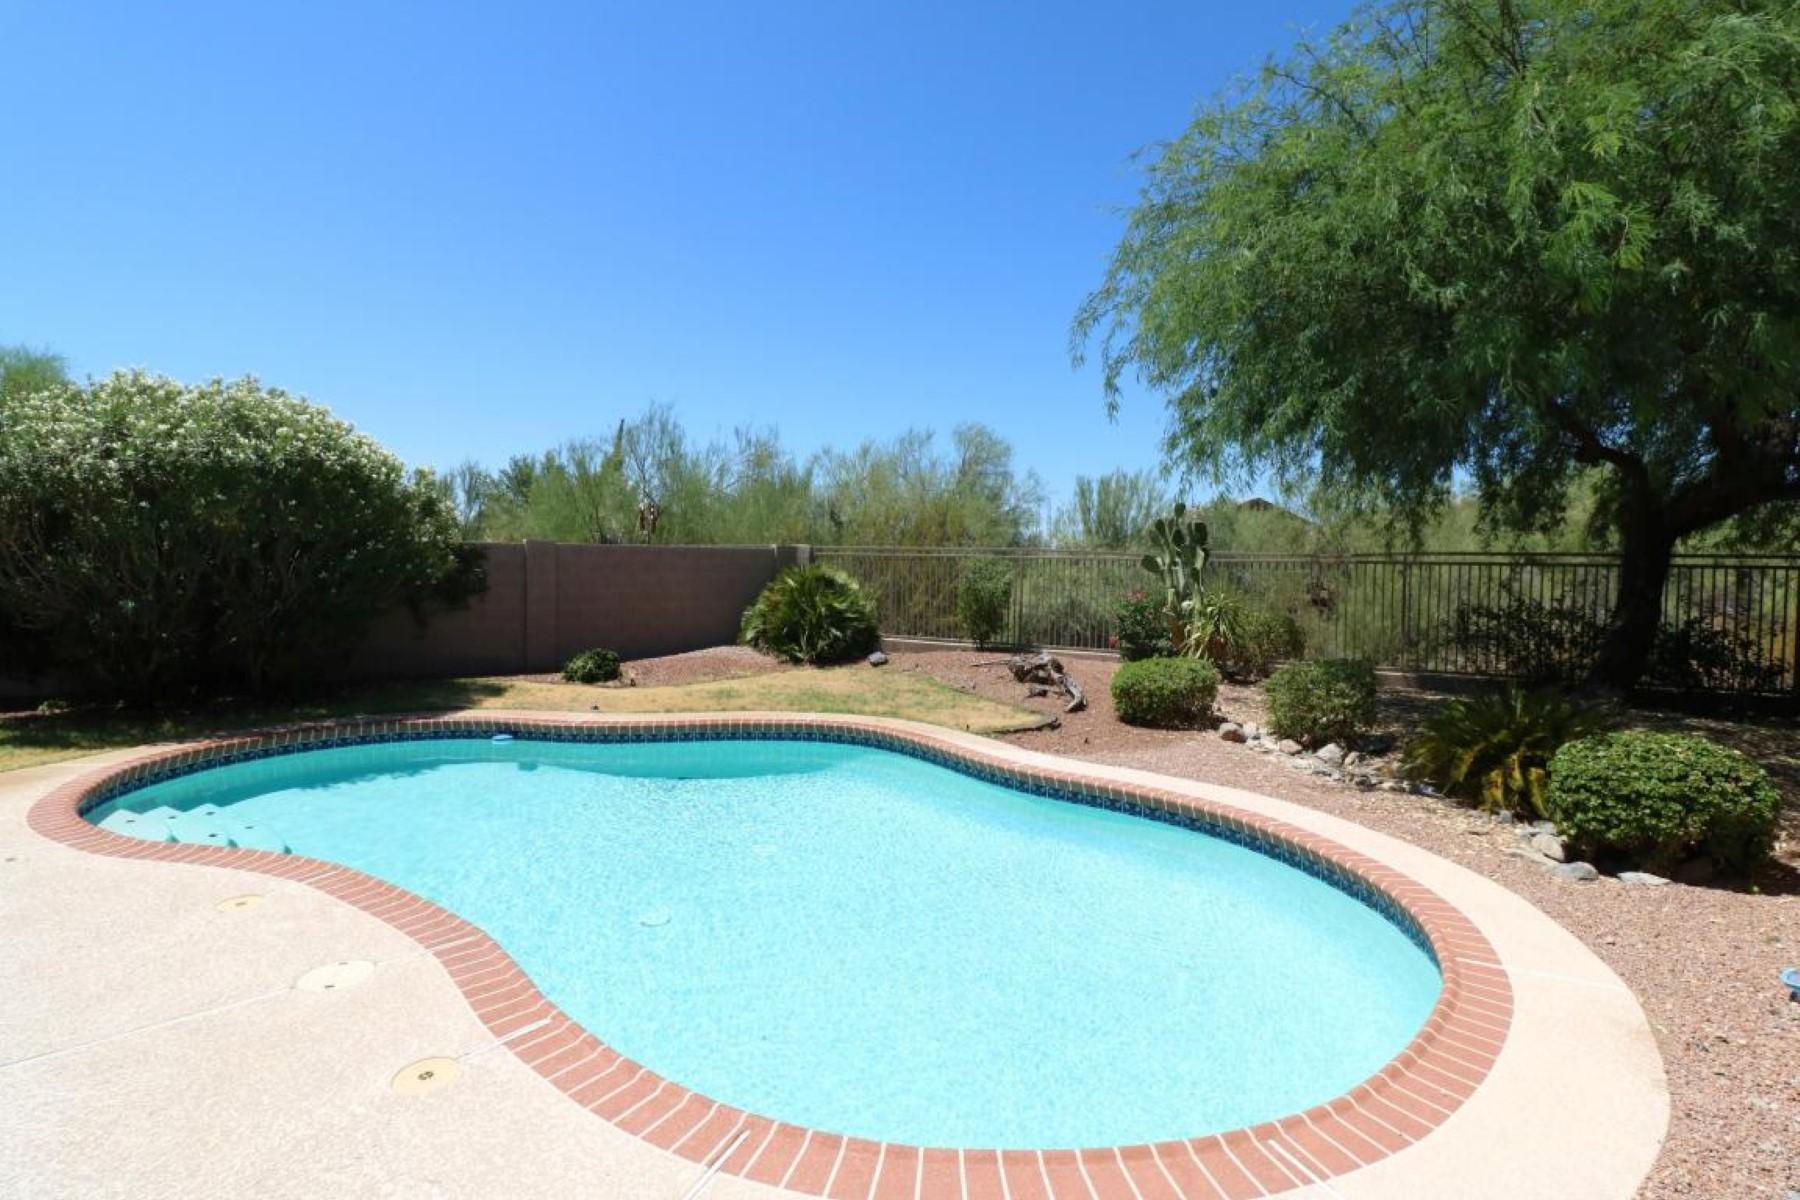 Einfamilienhaus für Verkauf beim Outstanding three bedroom, two bath home with fresh two-tone paint. 14852 N 103rd St Scottsdale, Arizona 85255 Vereinigte Staaten